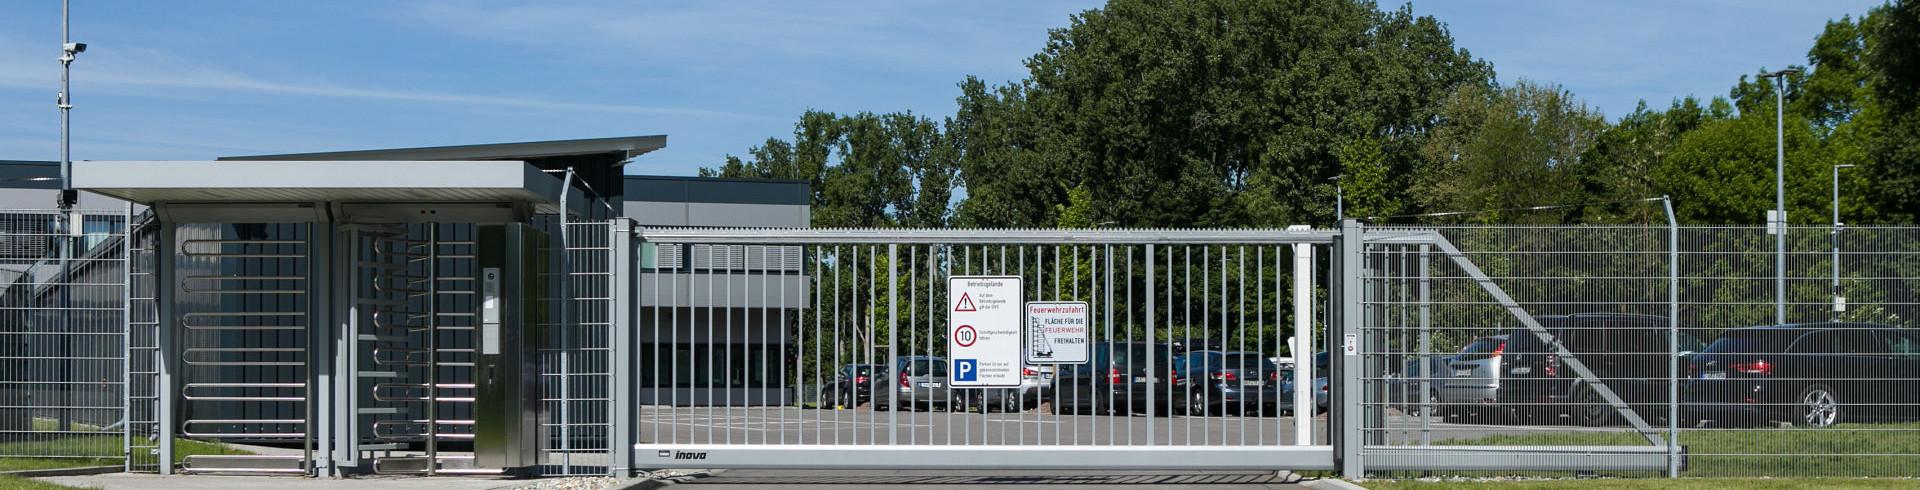 Schiebetor INOVA Industrie, Drehkreuz Kentauer von Berlemann Torbau GmbH